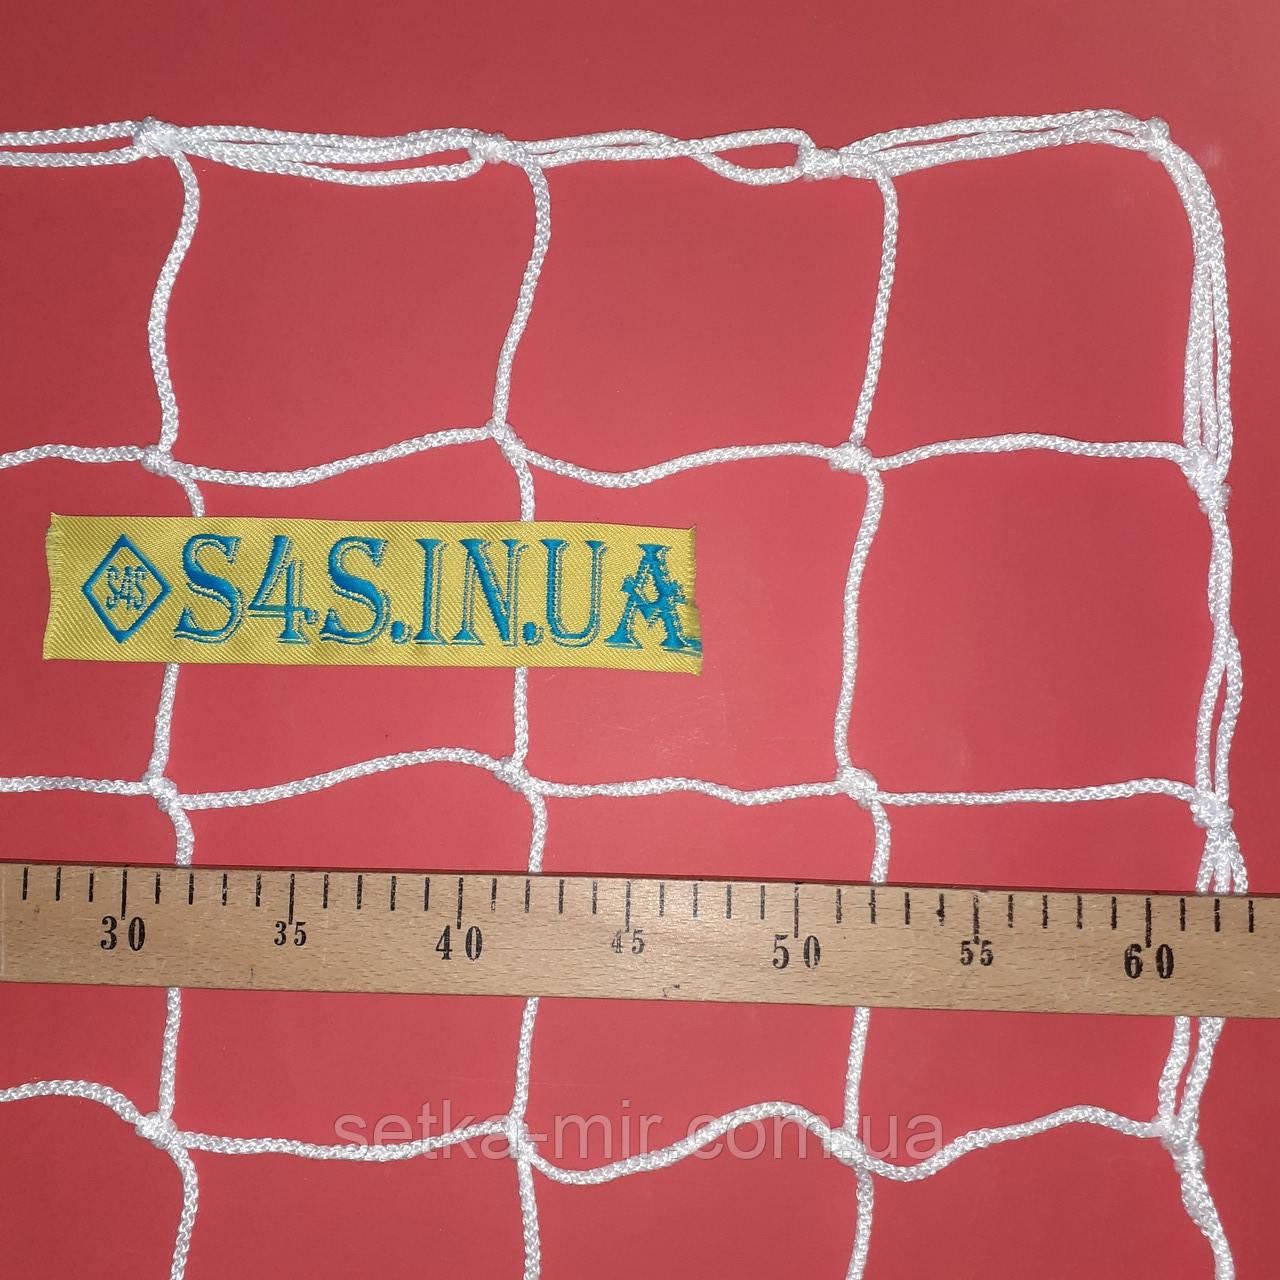 Сетка для футбола повышенной прочности «СТАНДАРТ ПЛЮС 1.5» белая (комплект 2 шт.)